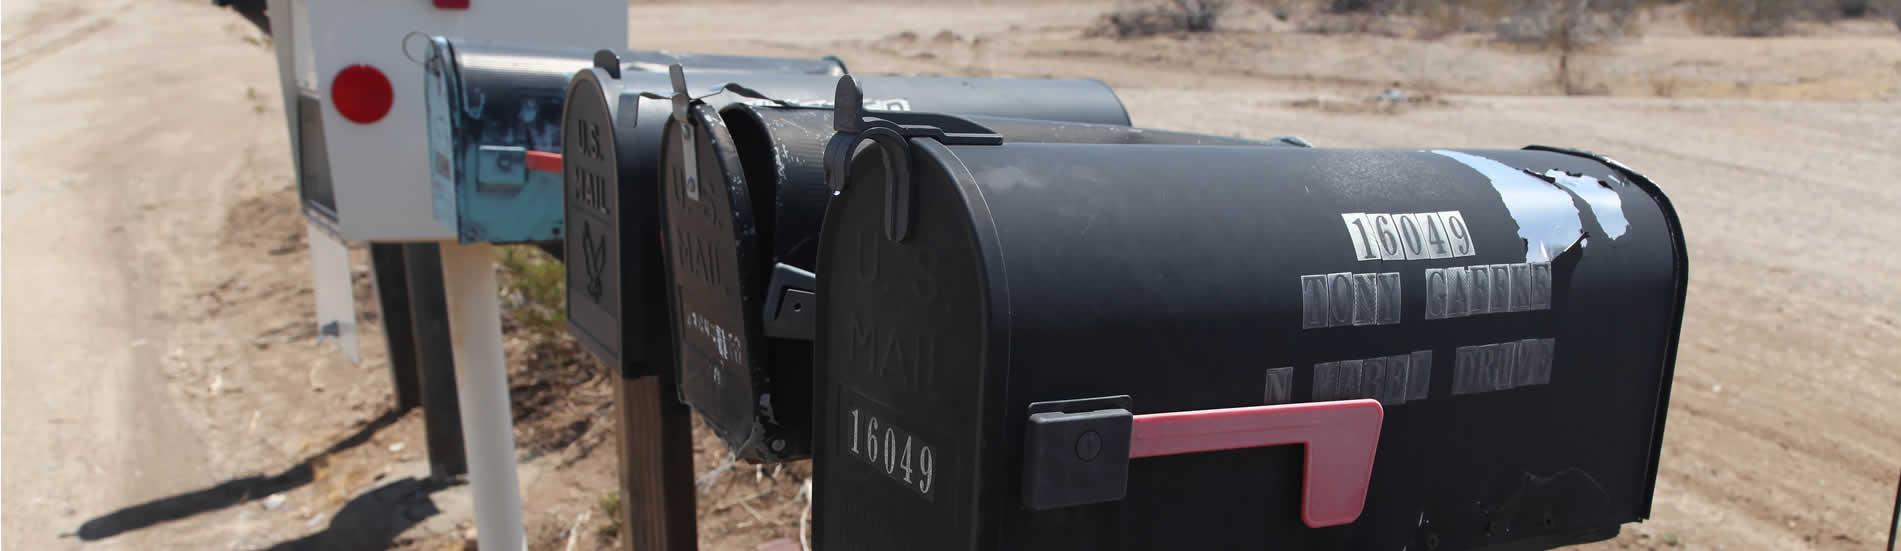 Amerikaanse brievenbussen nevada